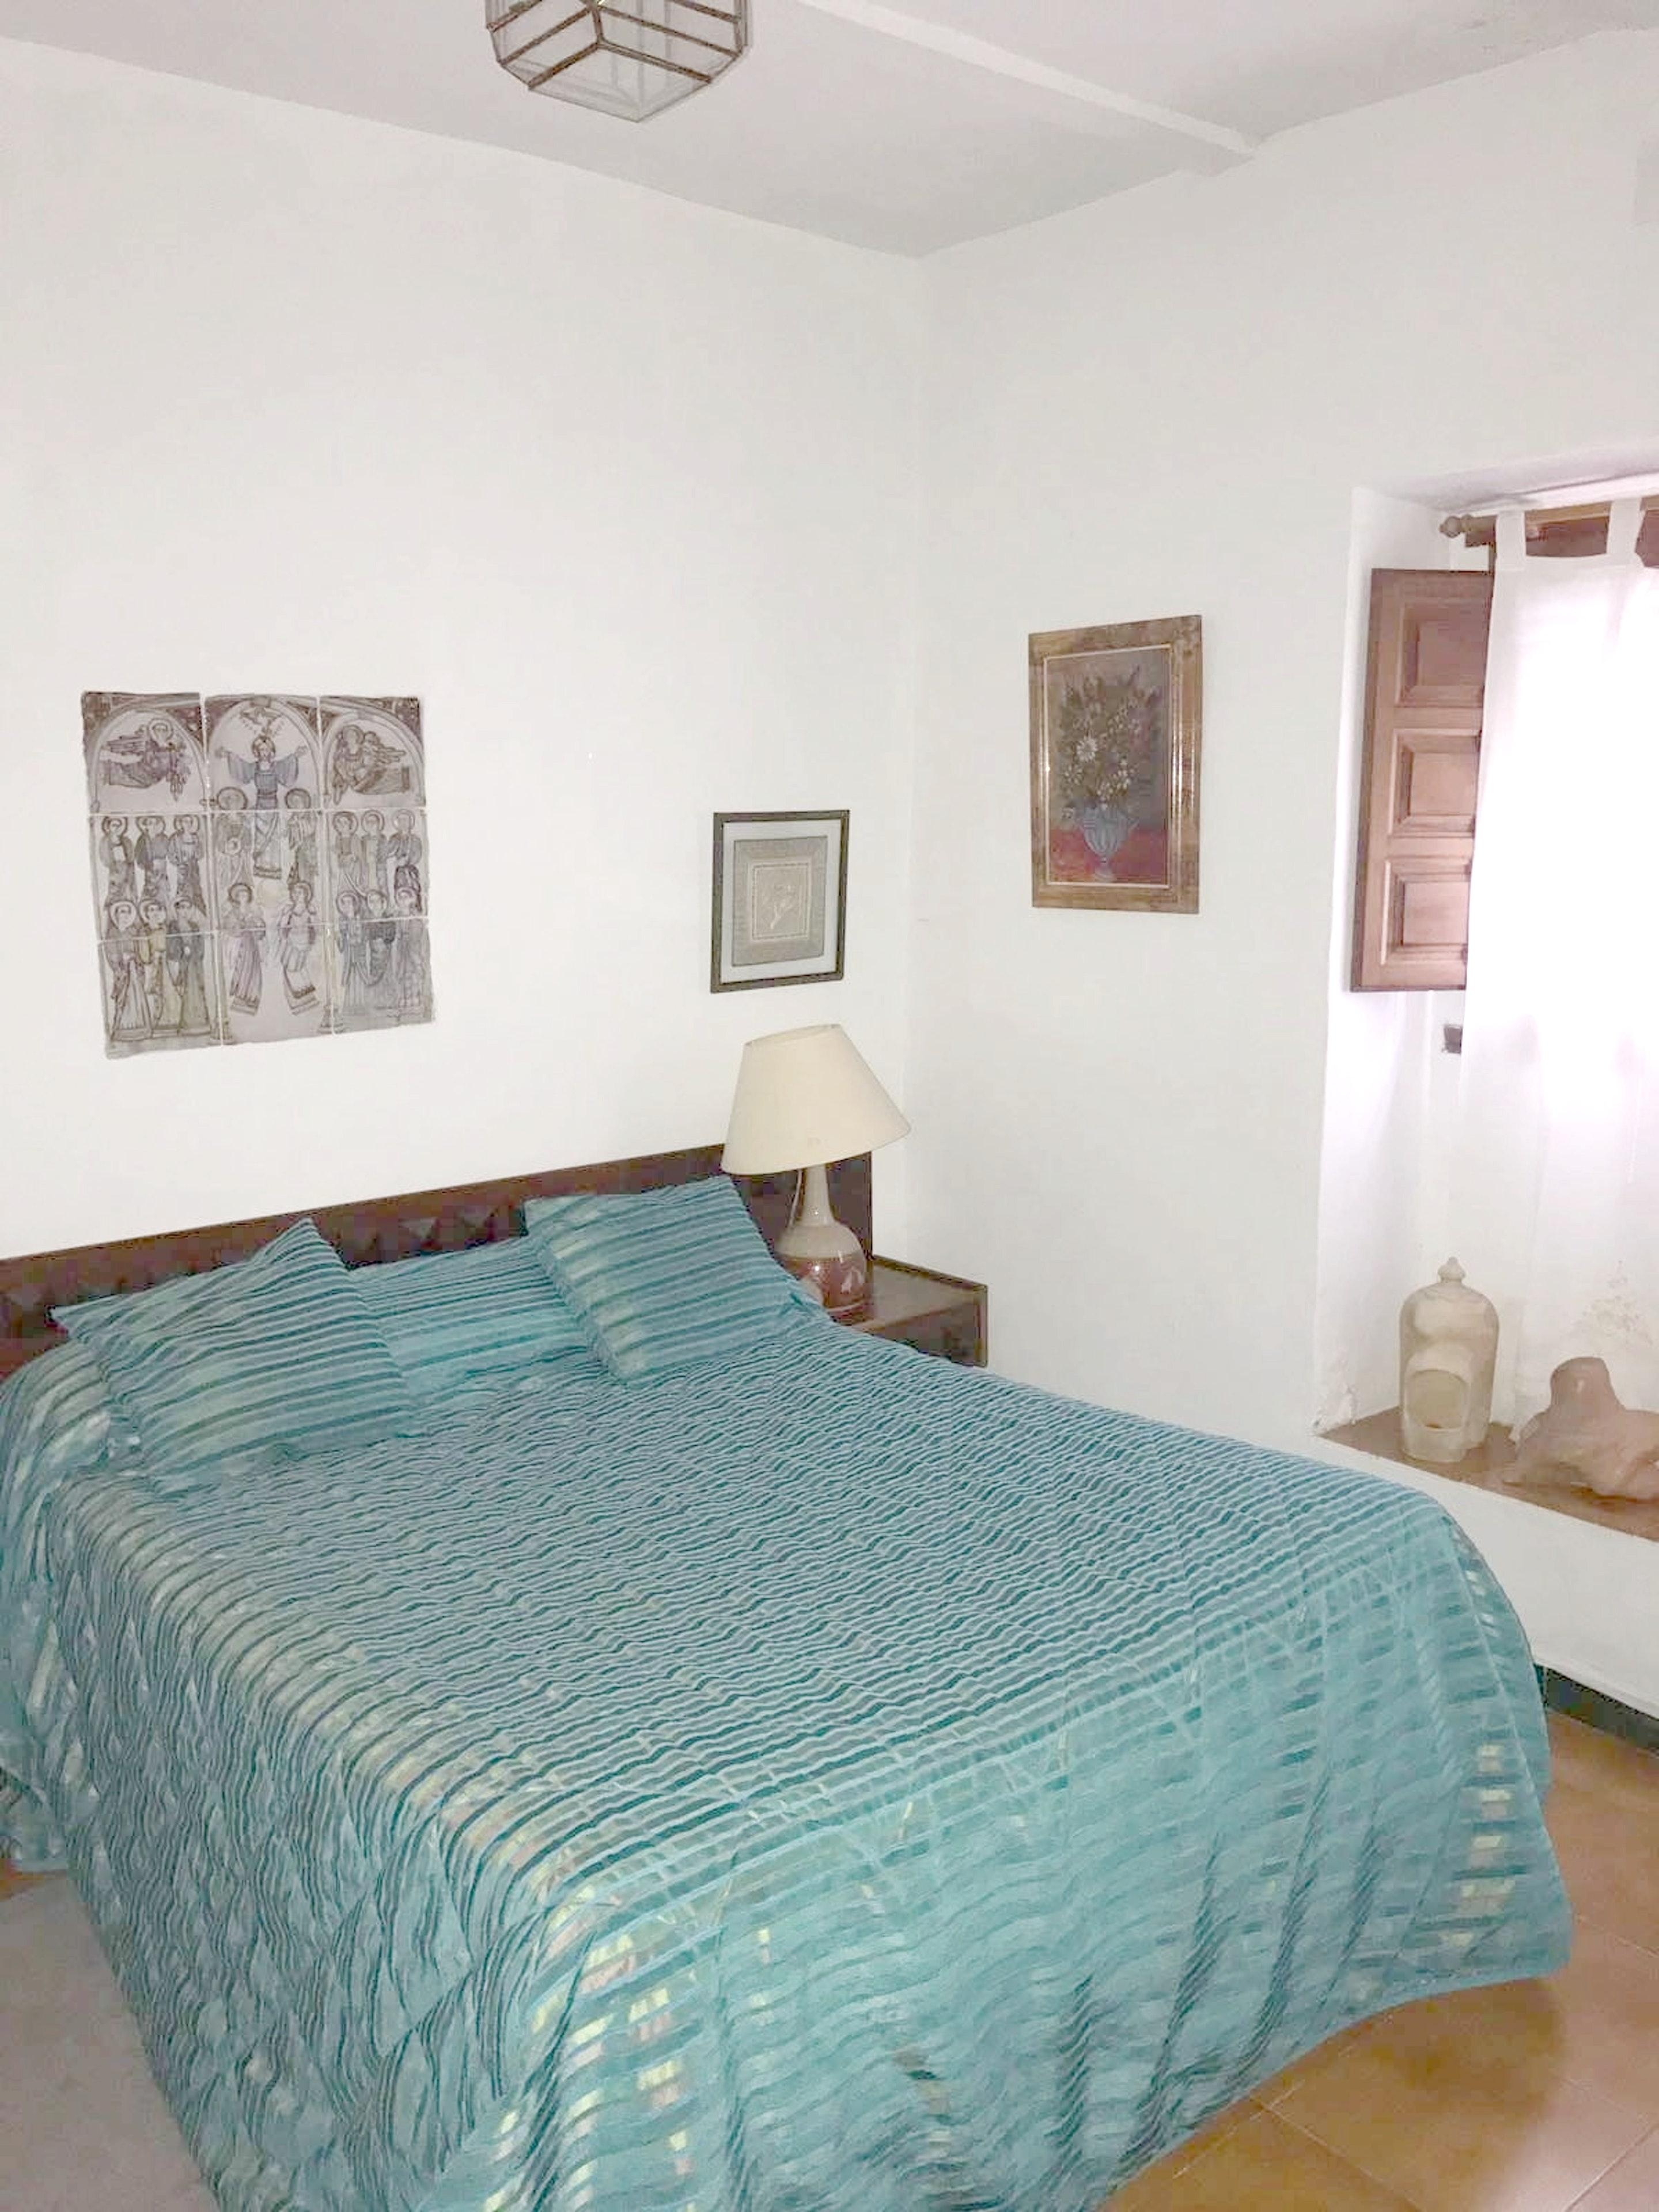 Ferienhaus Haus mit 7 Schlafzimmern in Burguillos de Toledo mit privatem Pool und eingezäuntem Garten (2299203), Burguillos de Toledo, Toledo, Kastilien-La Mancha, Spanien, Bild 9